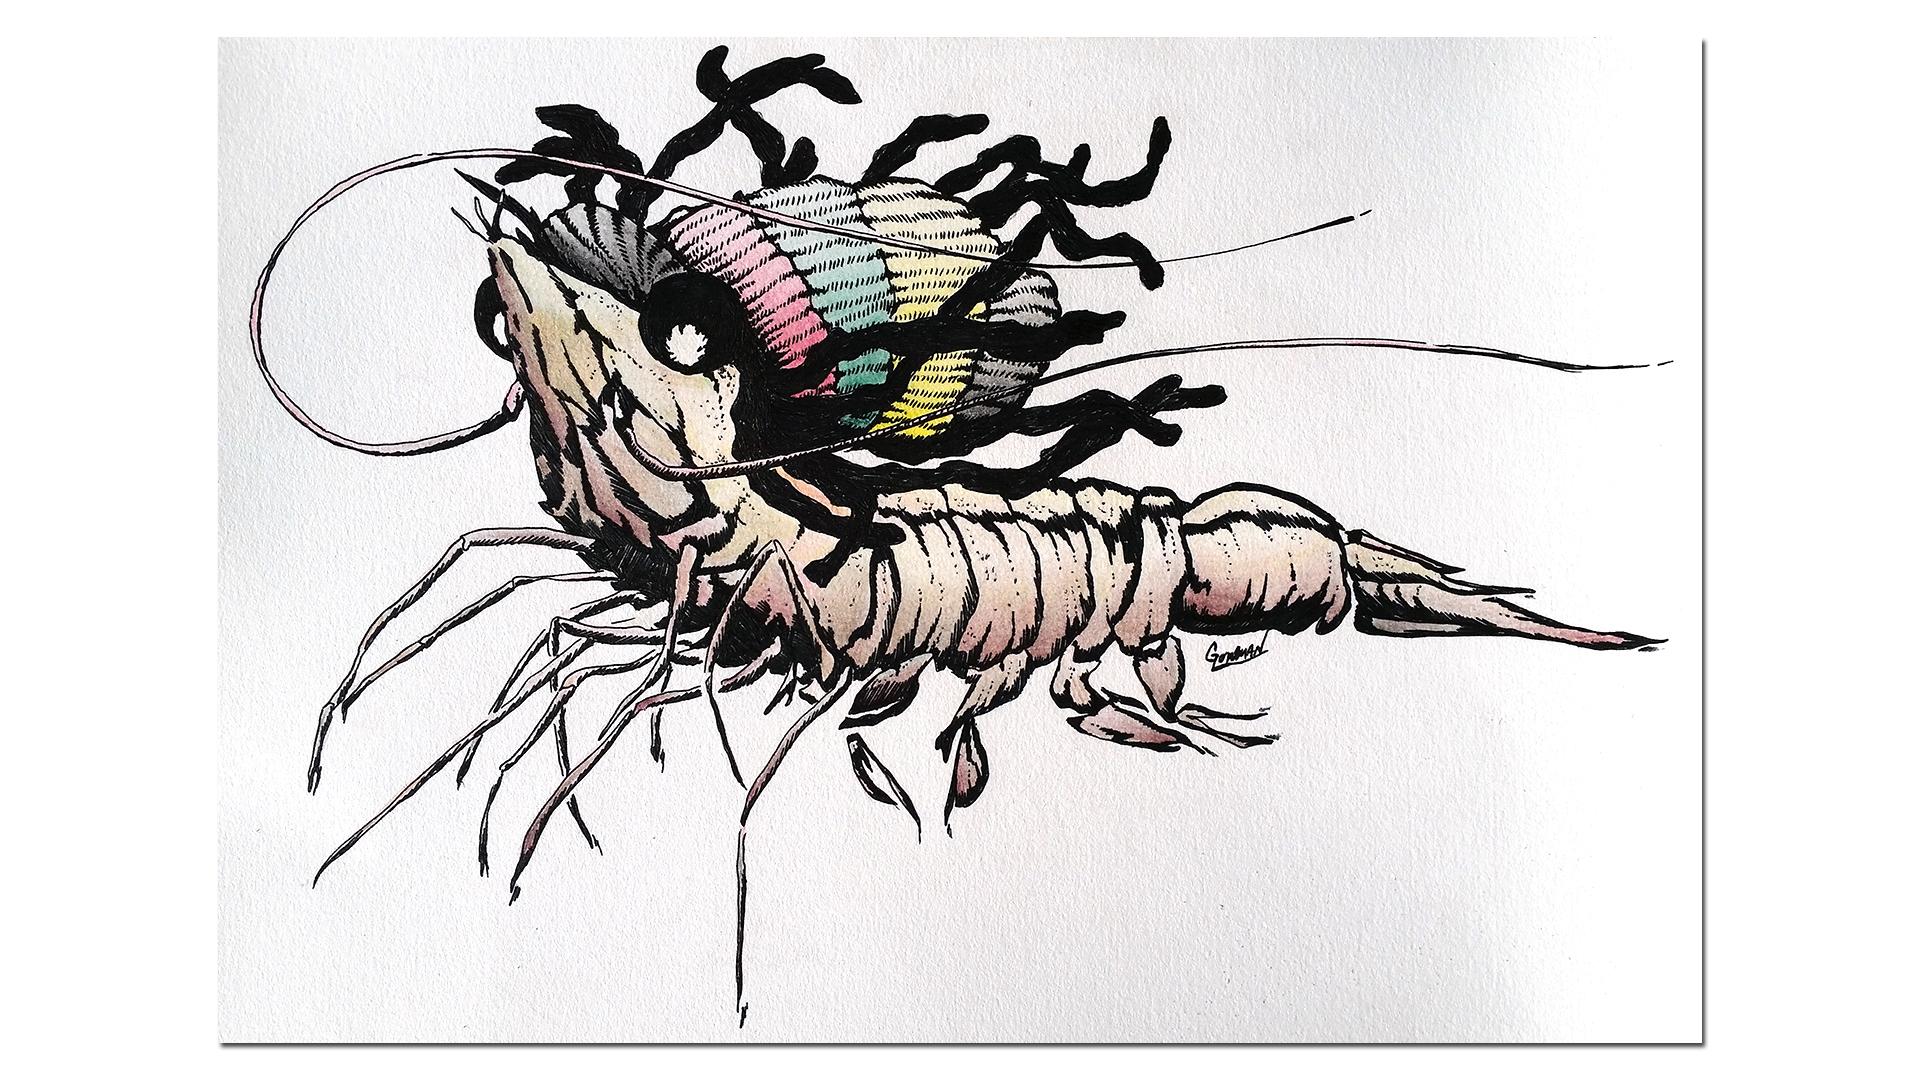 dred shrimp island discount tackle mascot